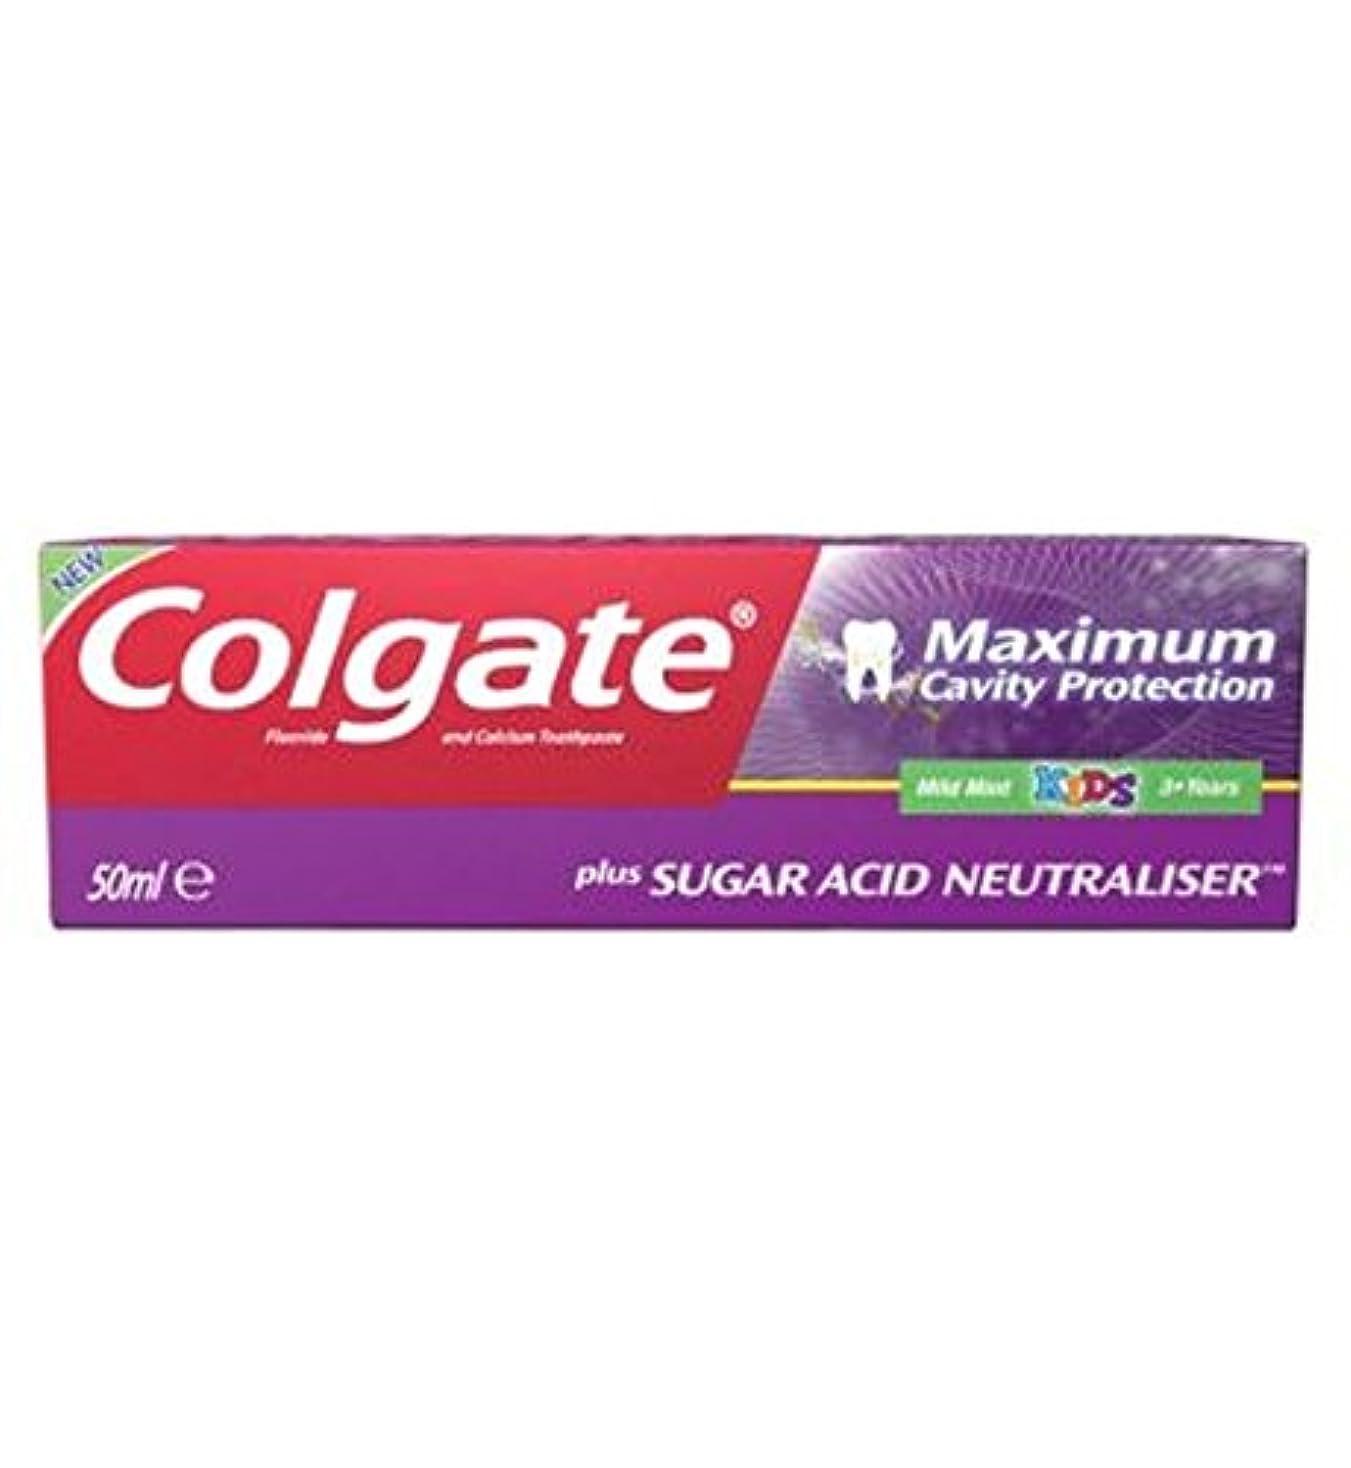 独立してオーブンハイキングに行くコルゲート最大空洞の保護に加えて、糖酸中和剤の子供の歯磨き粉50ミリリットル (Colgate) (x2) - Colgate Maximum Cavity Protection plus Sugar Acid Neutraliser...